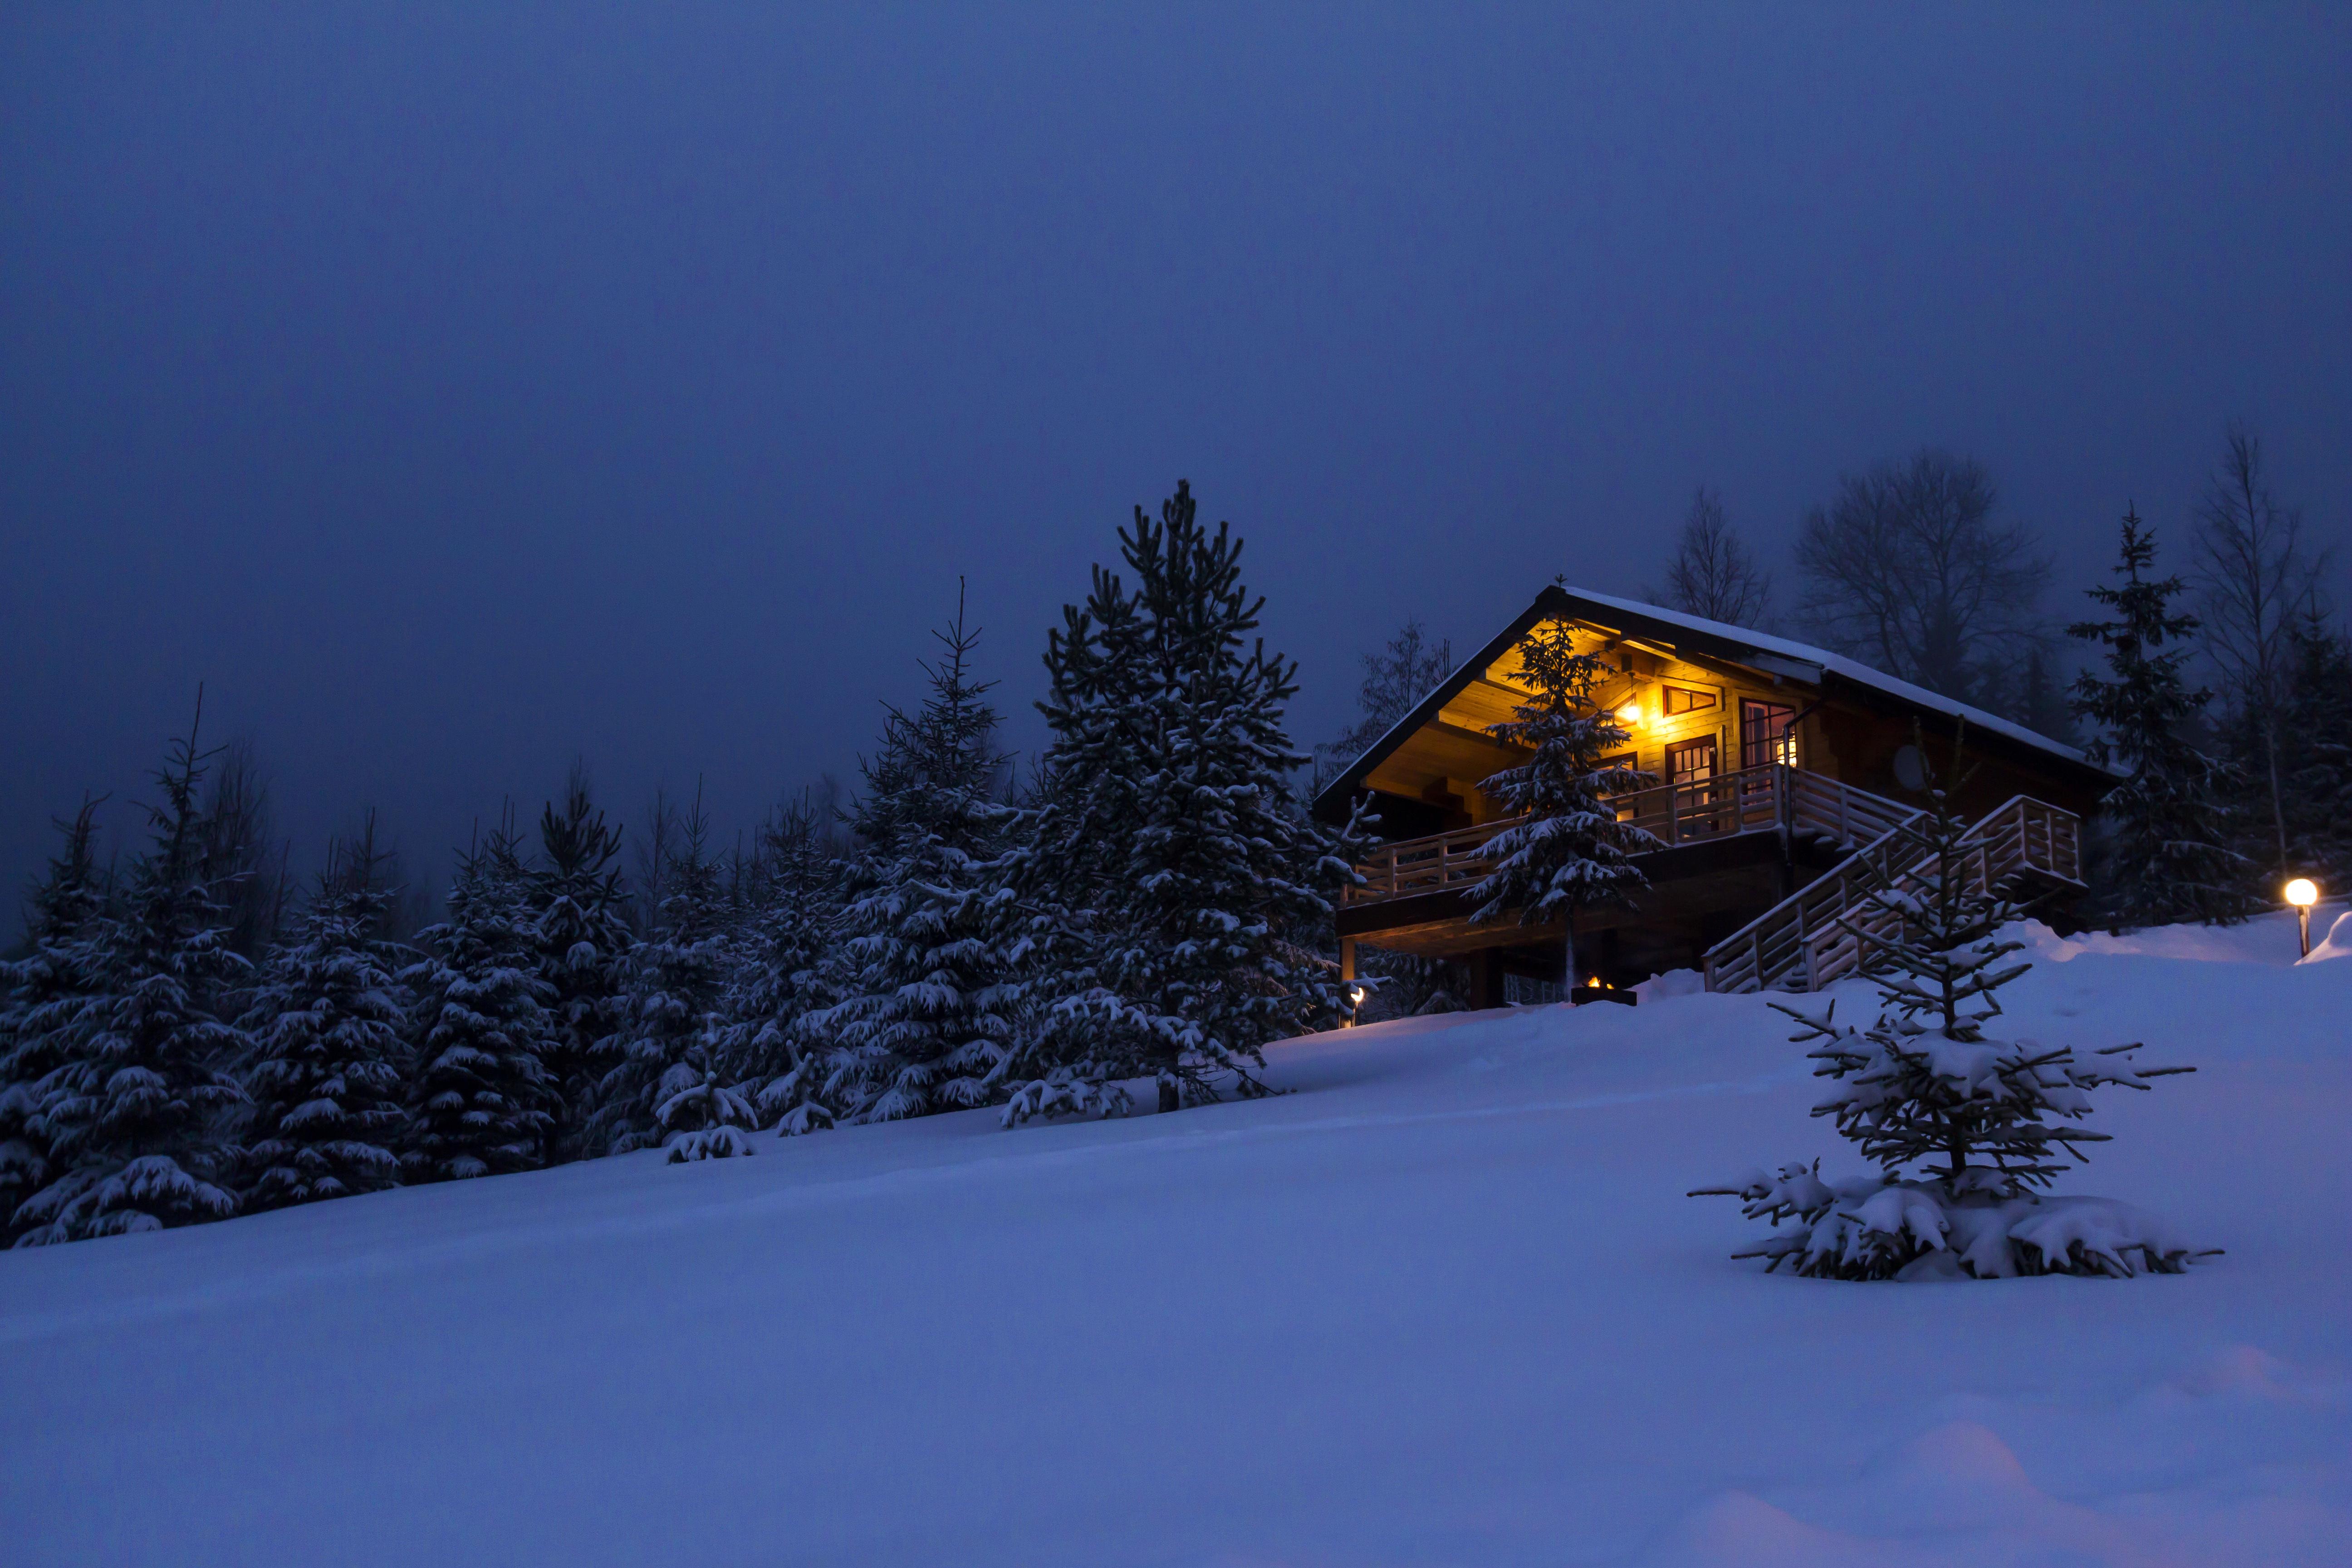 снег зима усадьба фазенда скачать